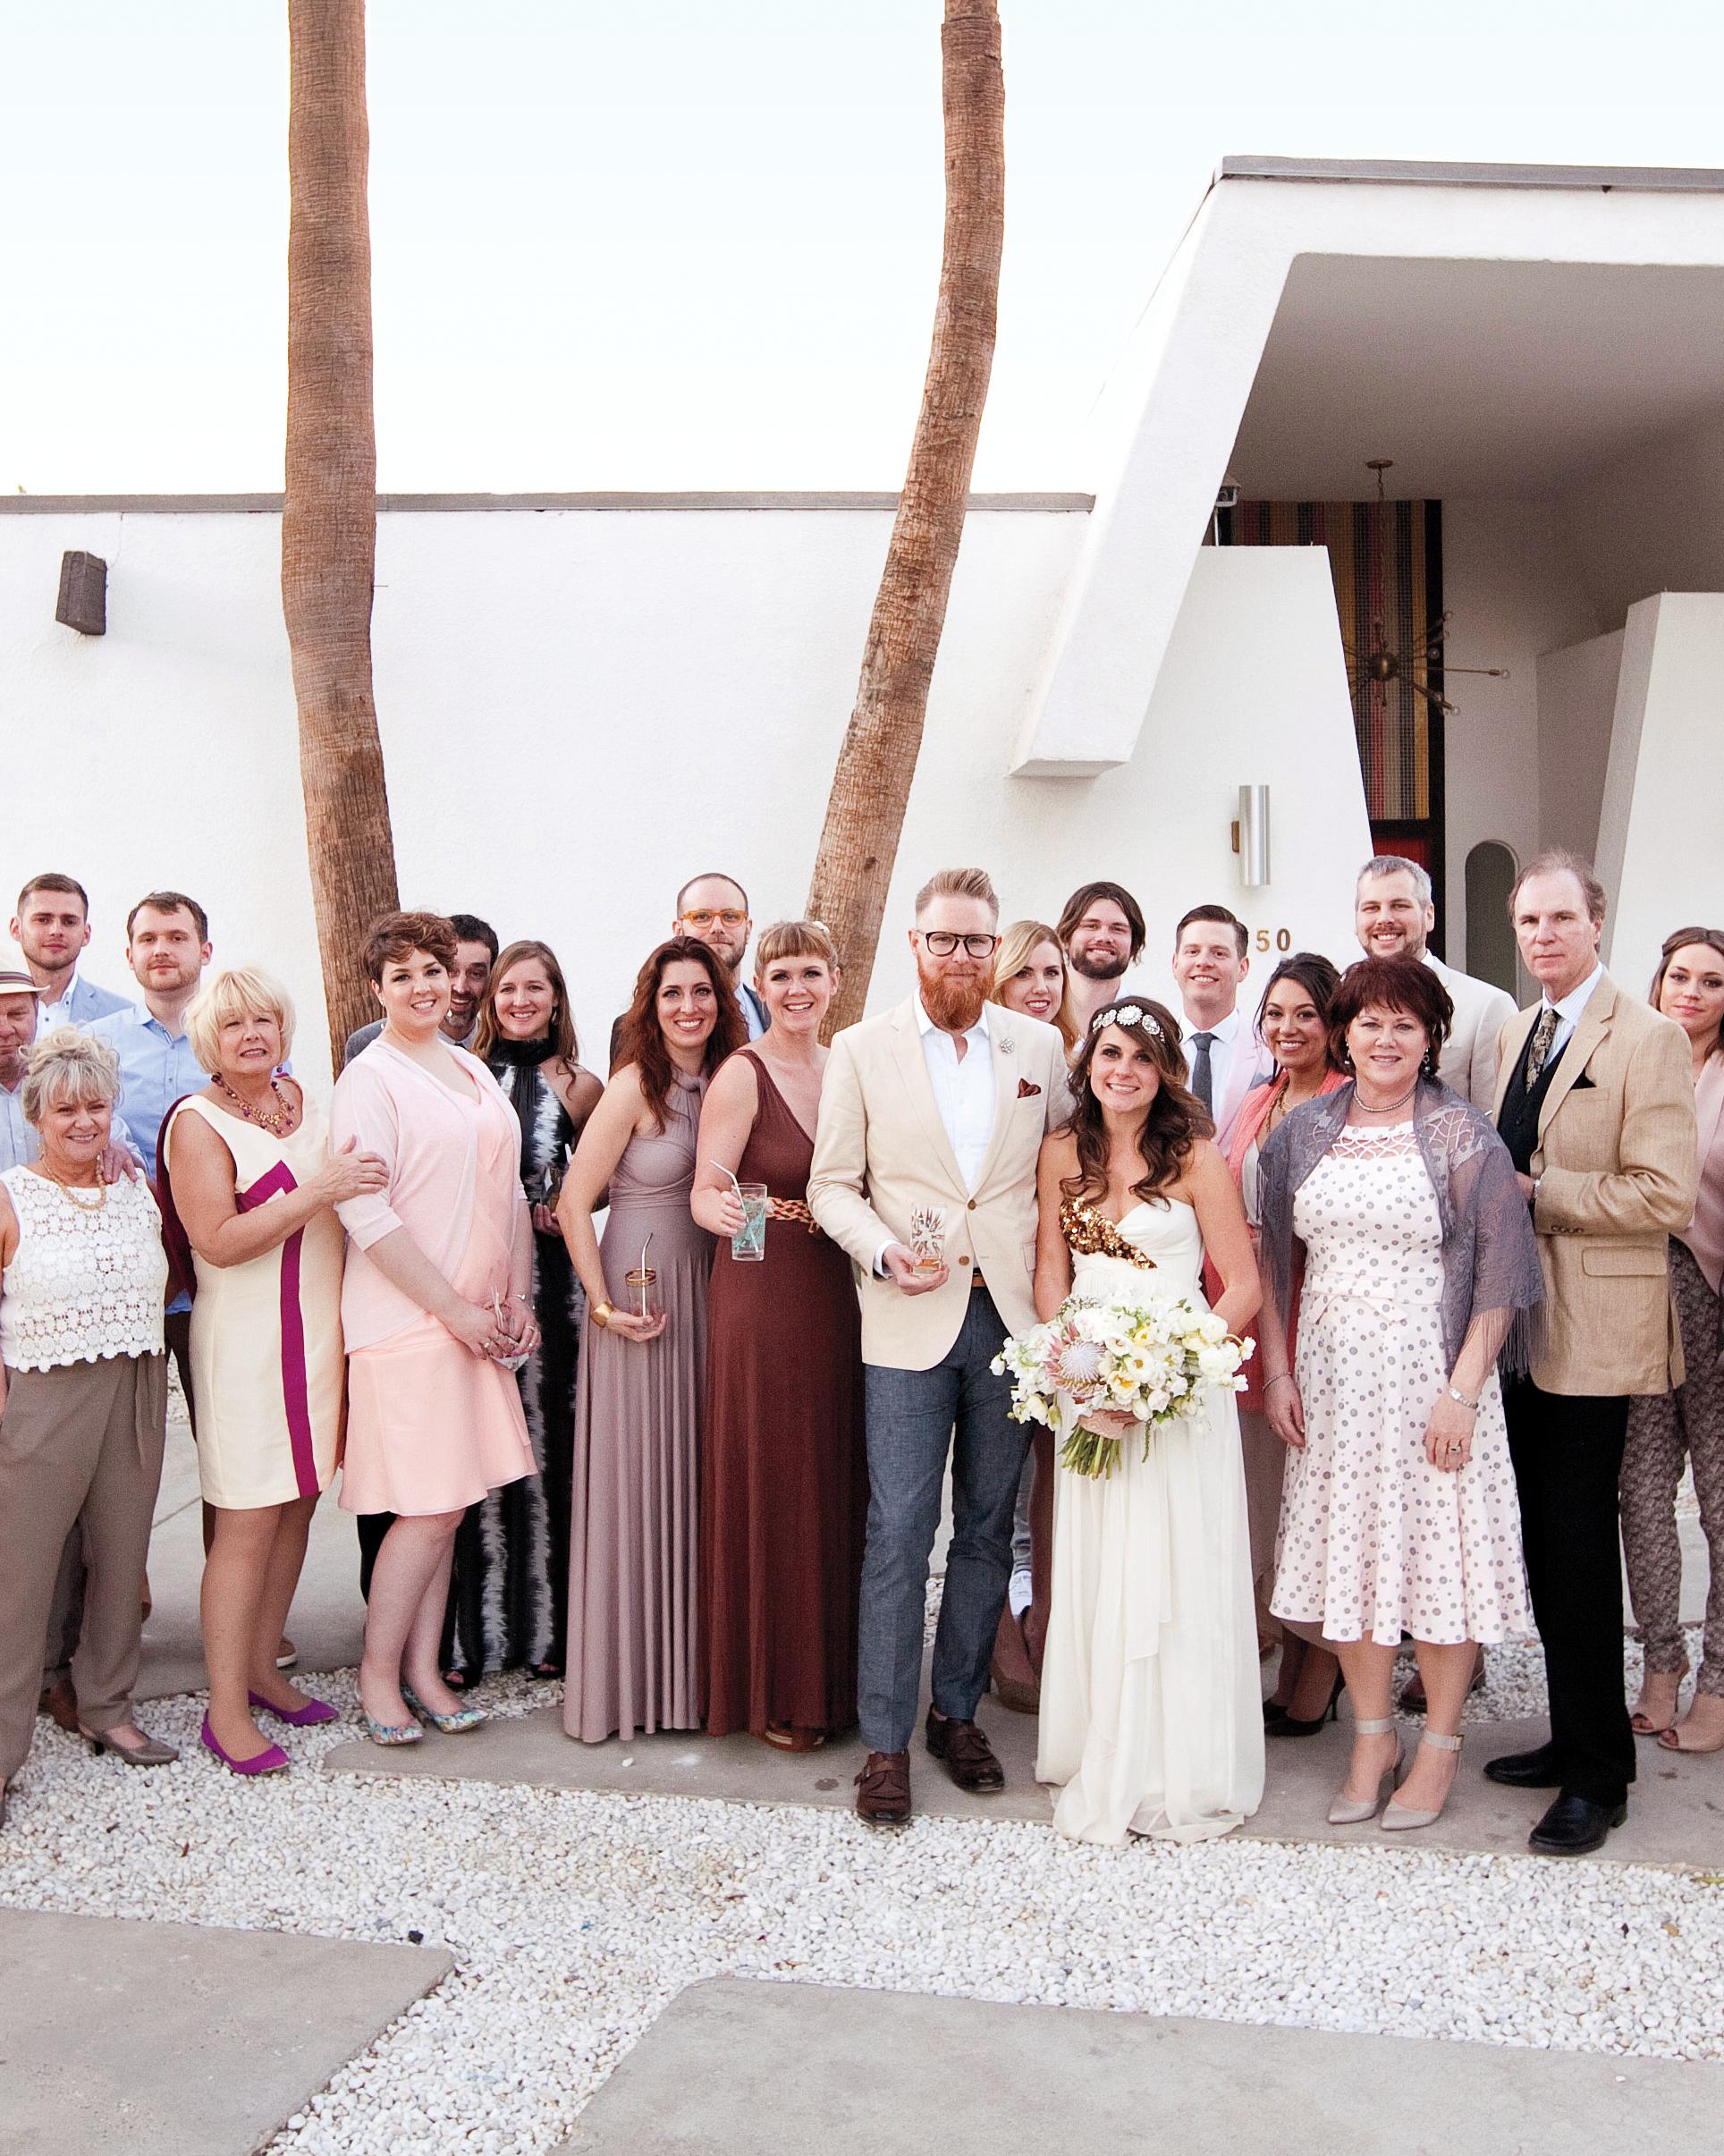 edyta-jared-wedding-568-d110939.jpg